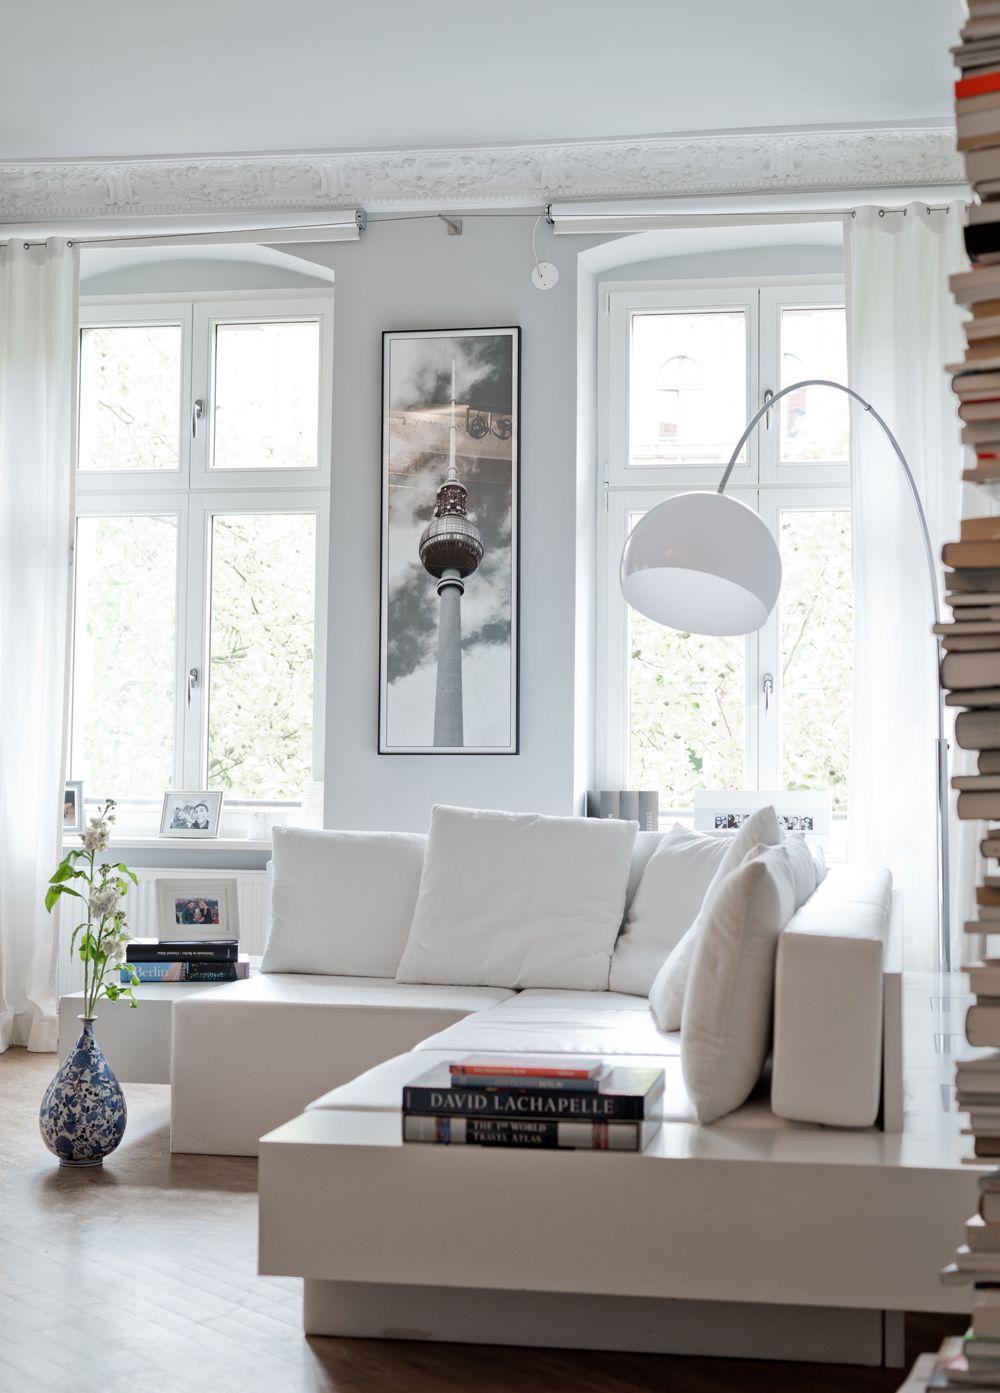 familiengl ck in berlin wohnzimmer pinterest haus wohnzimmer und wohnen. Black Bedroom Furniture Sets. Home Design Ideas